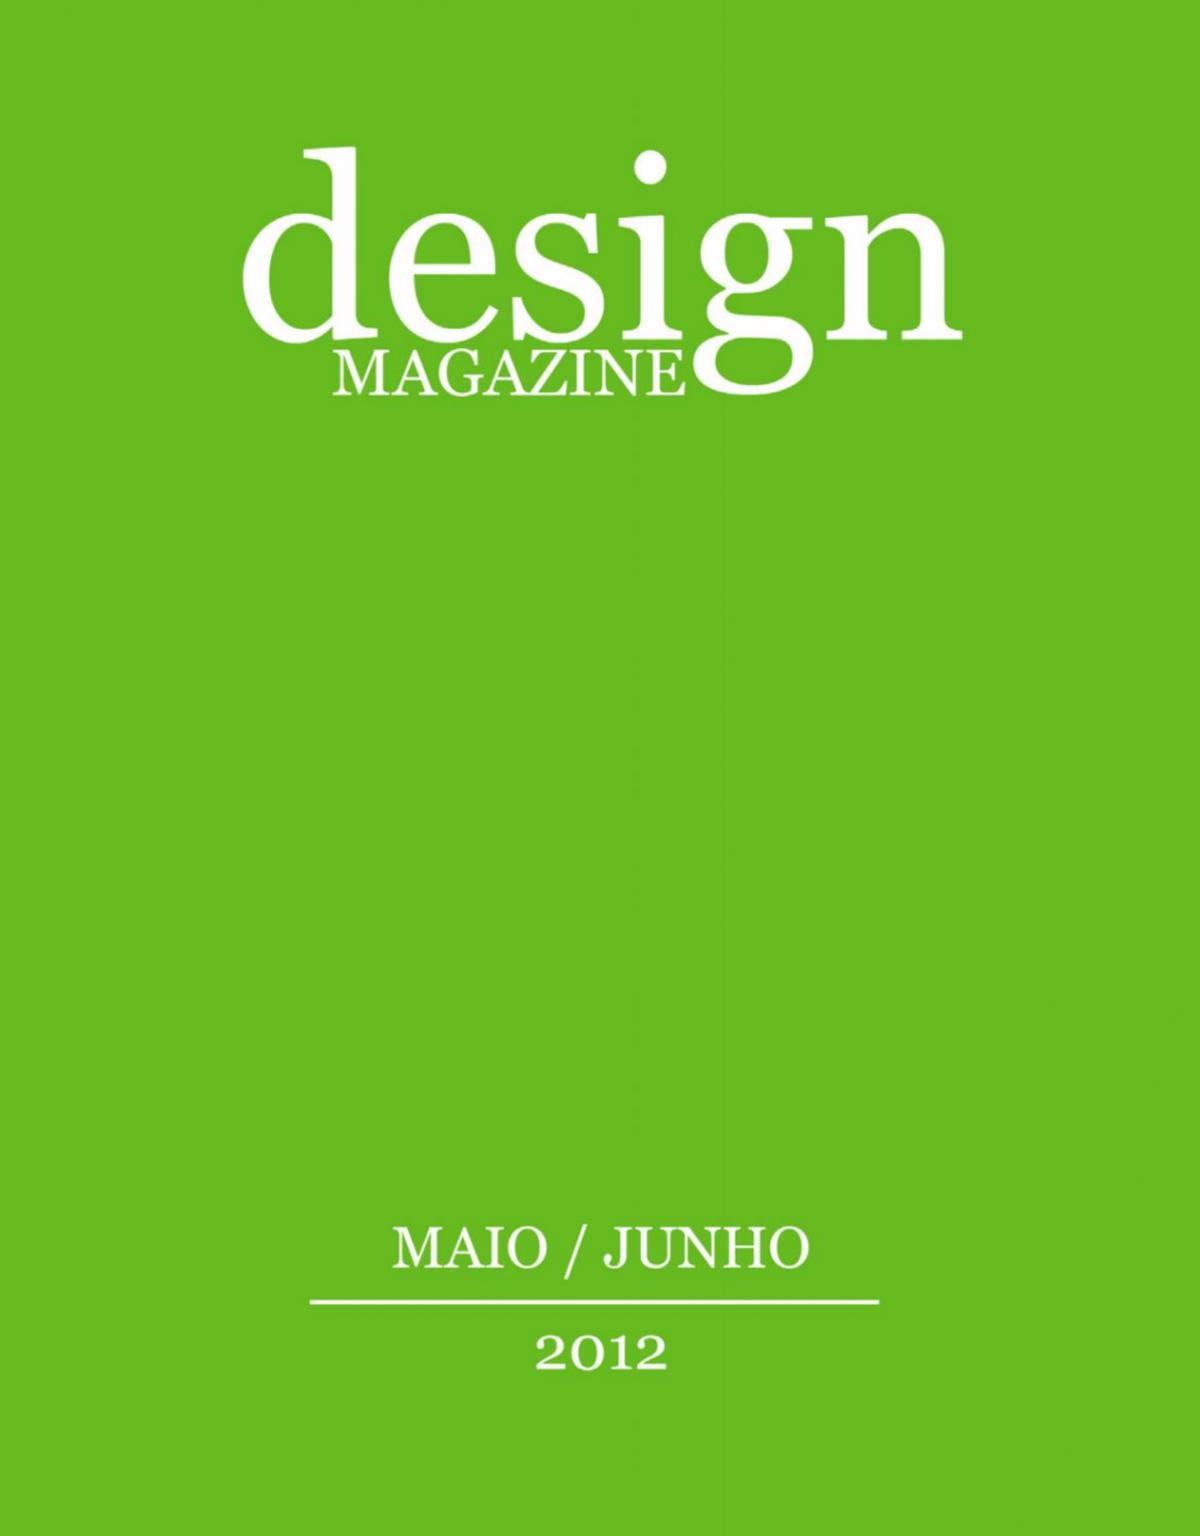 design-magazine-5